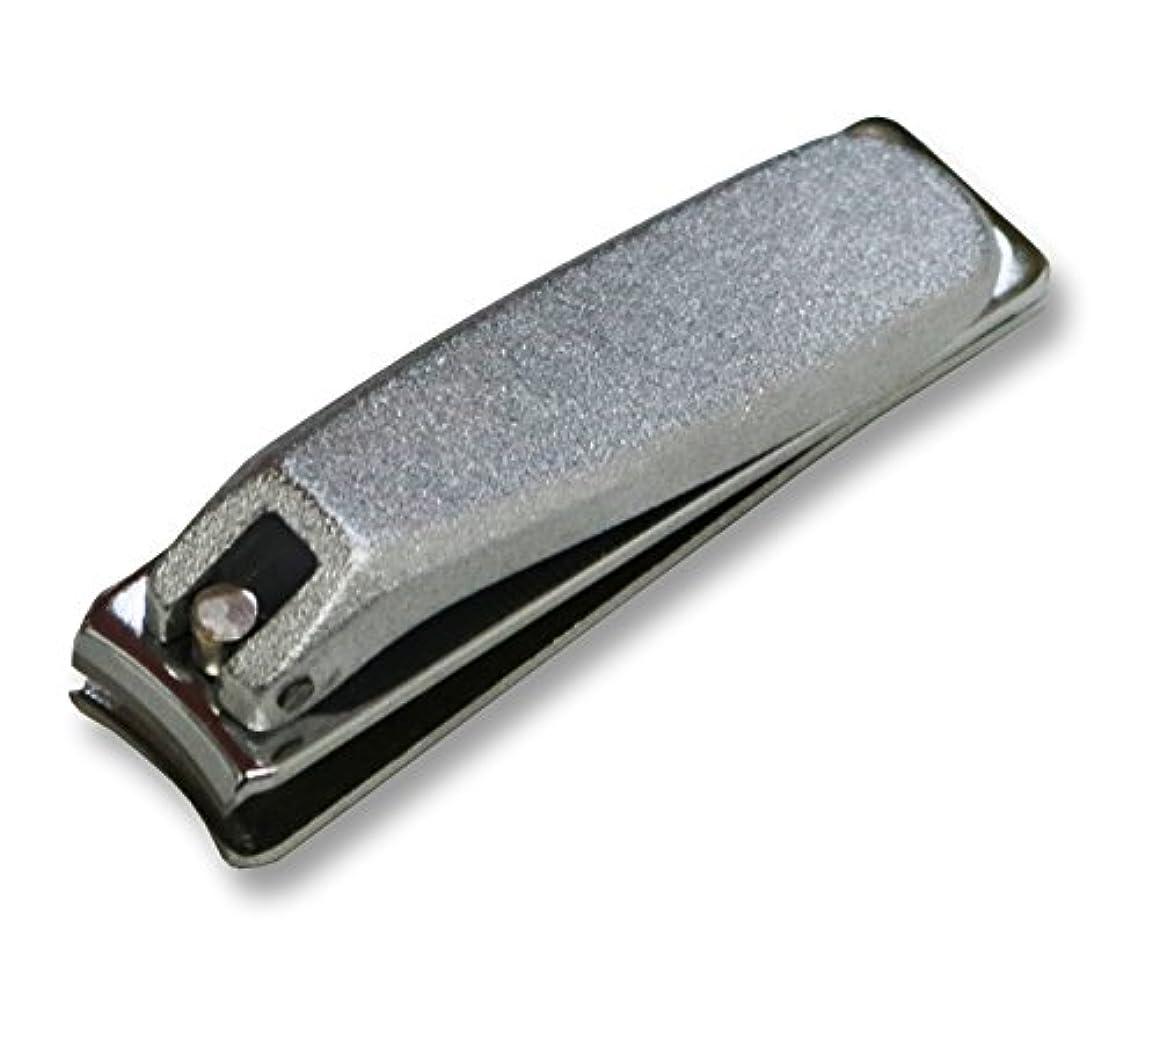 スポンジ挨拶マークKD-023 関の刃物 クローム爪切 小 カバー無